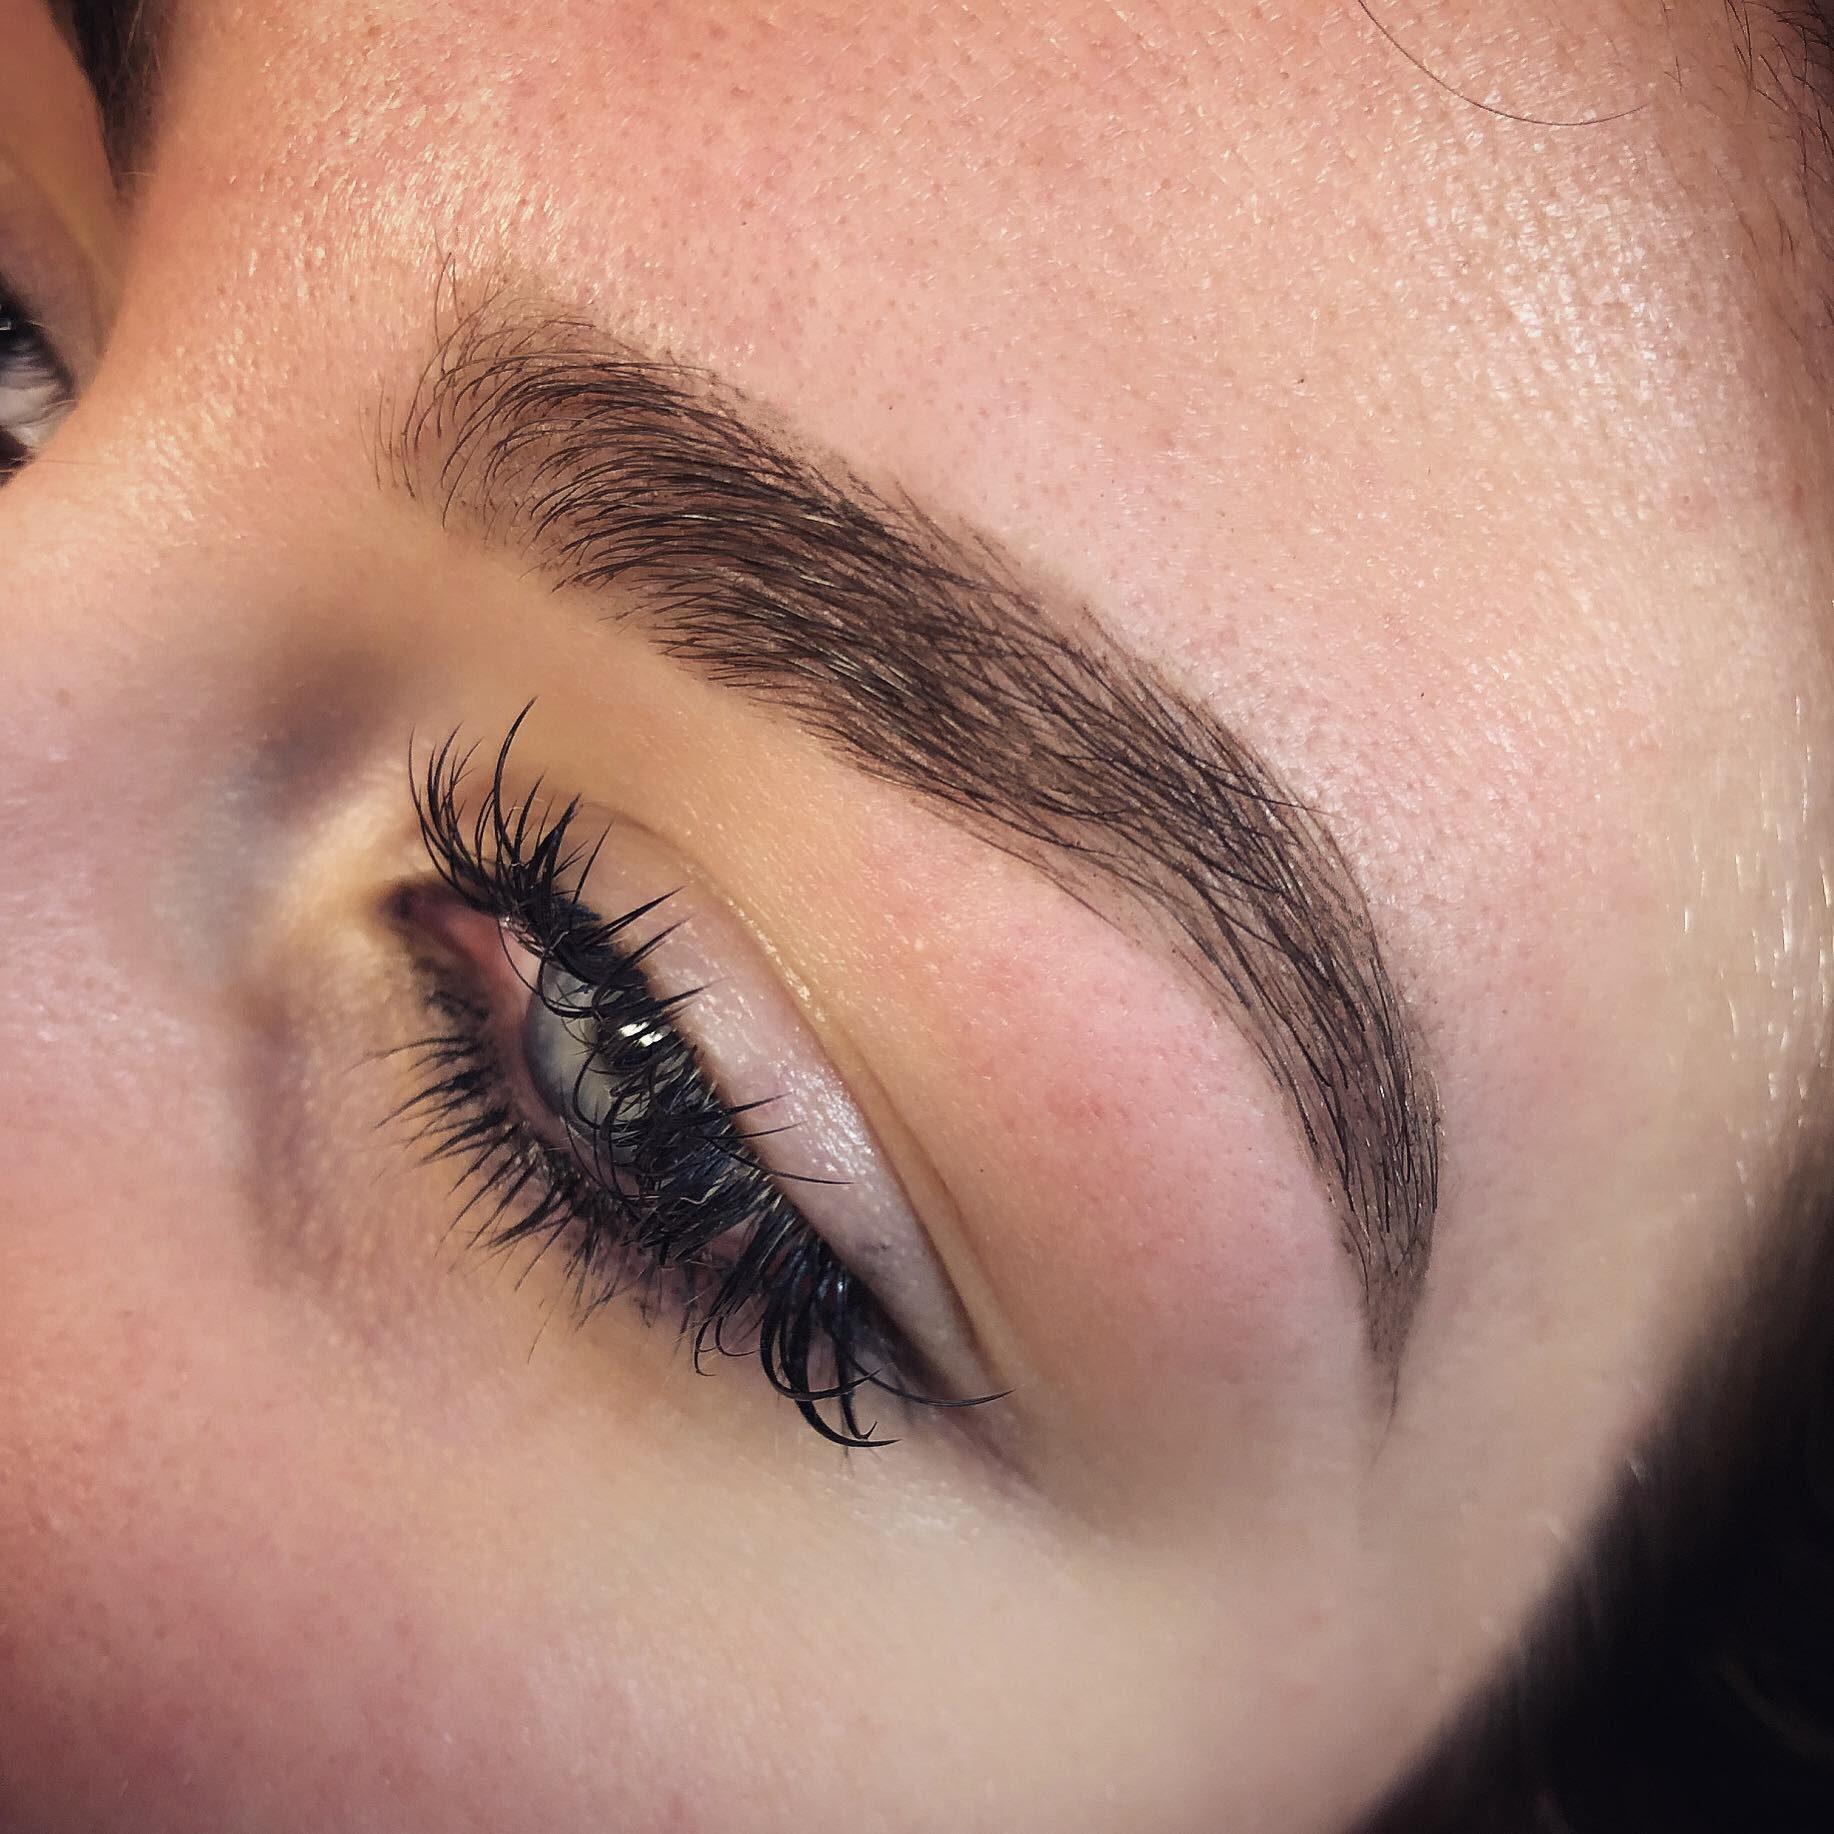 Eyelash And Eyebrow Tinting In Salem Maquillage Llc Waxing Studio